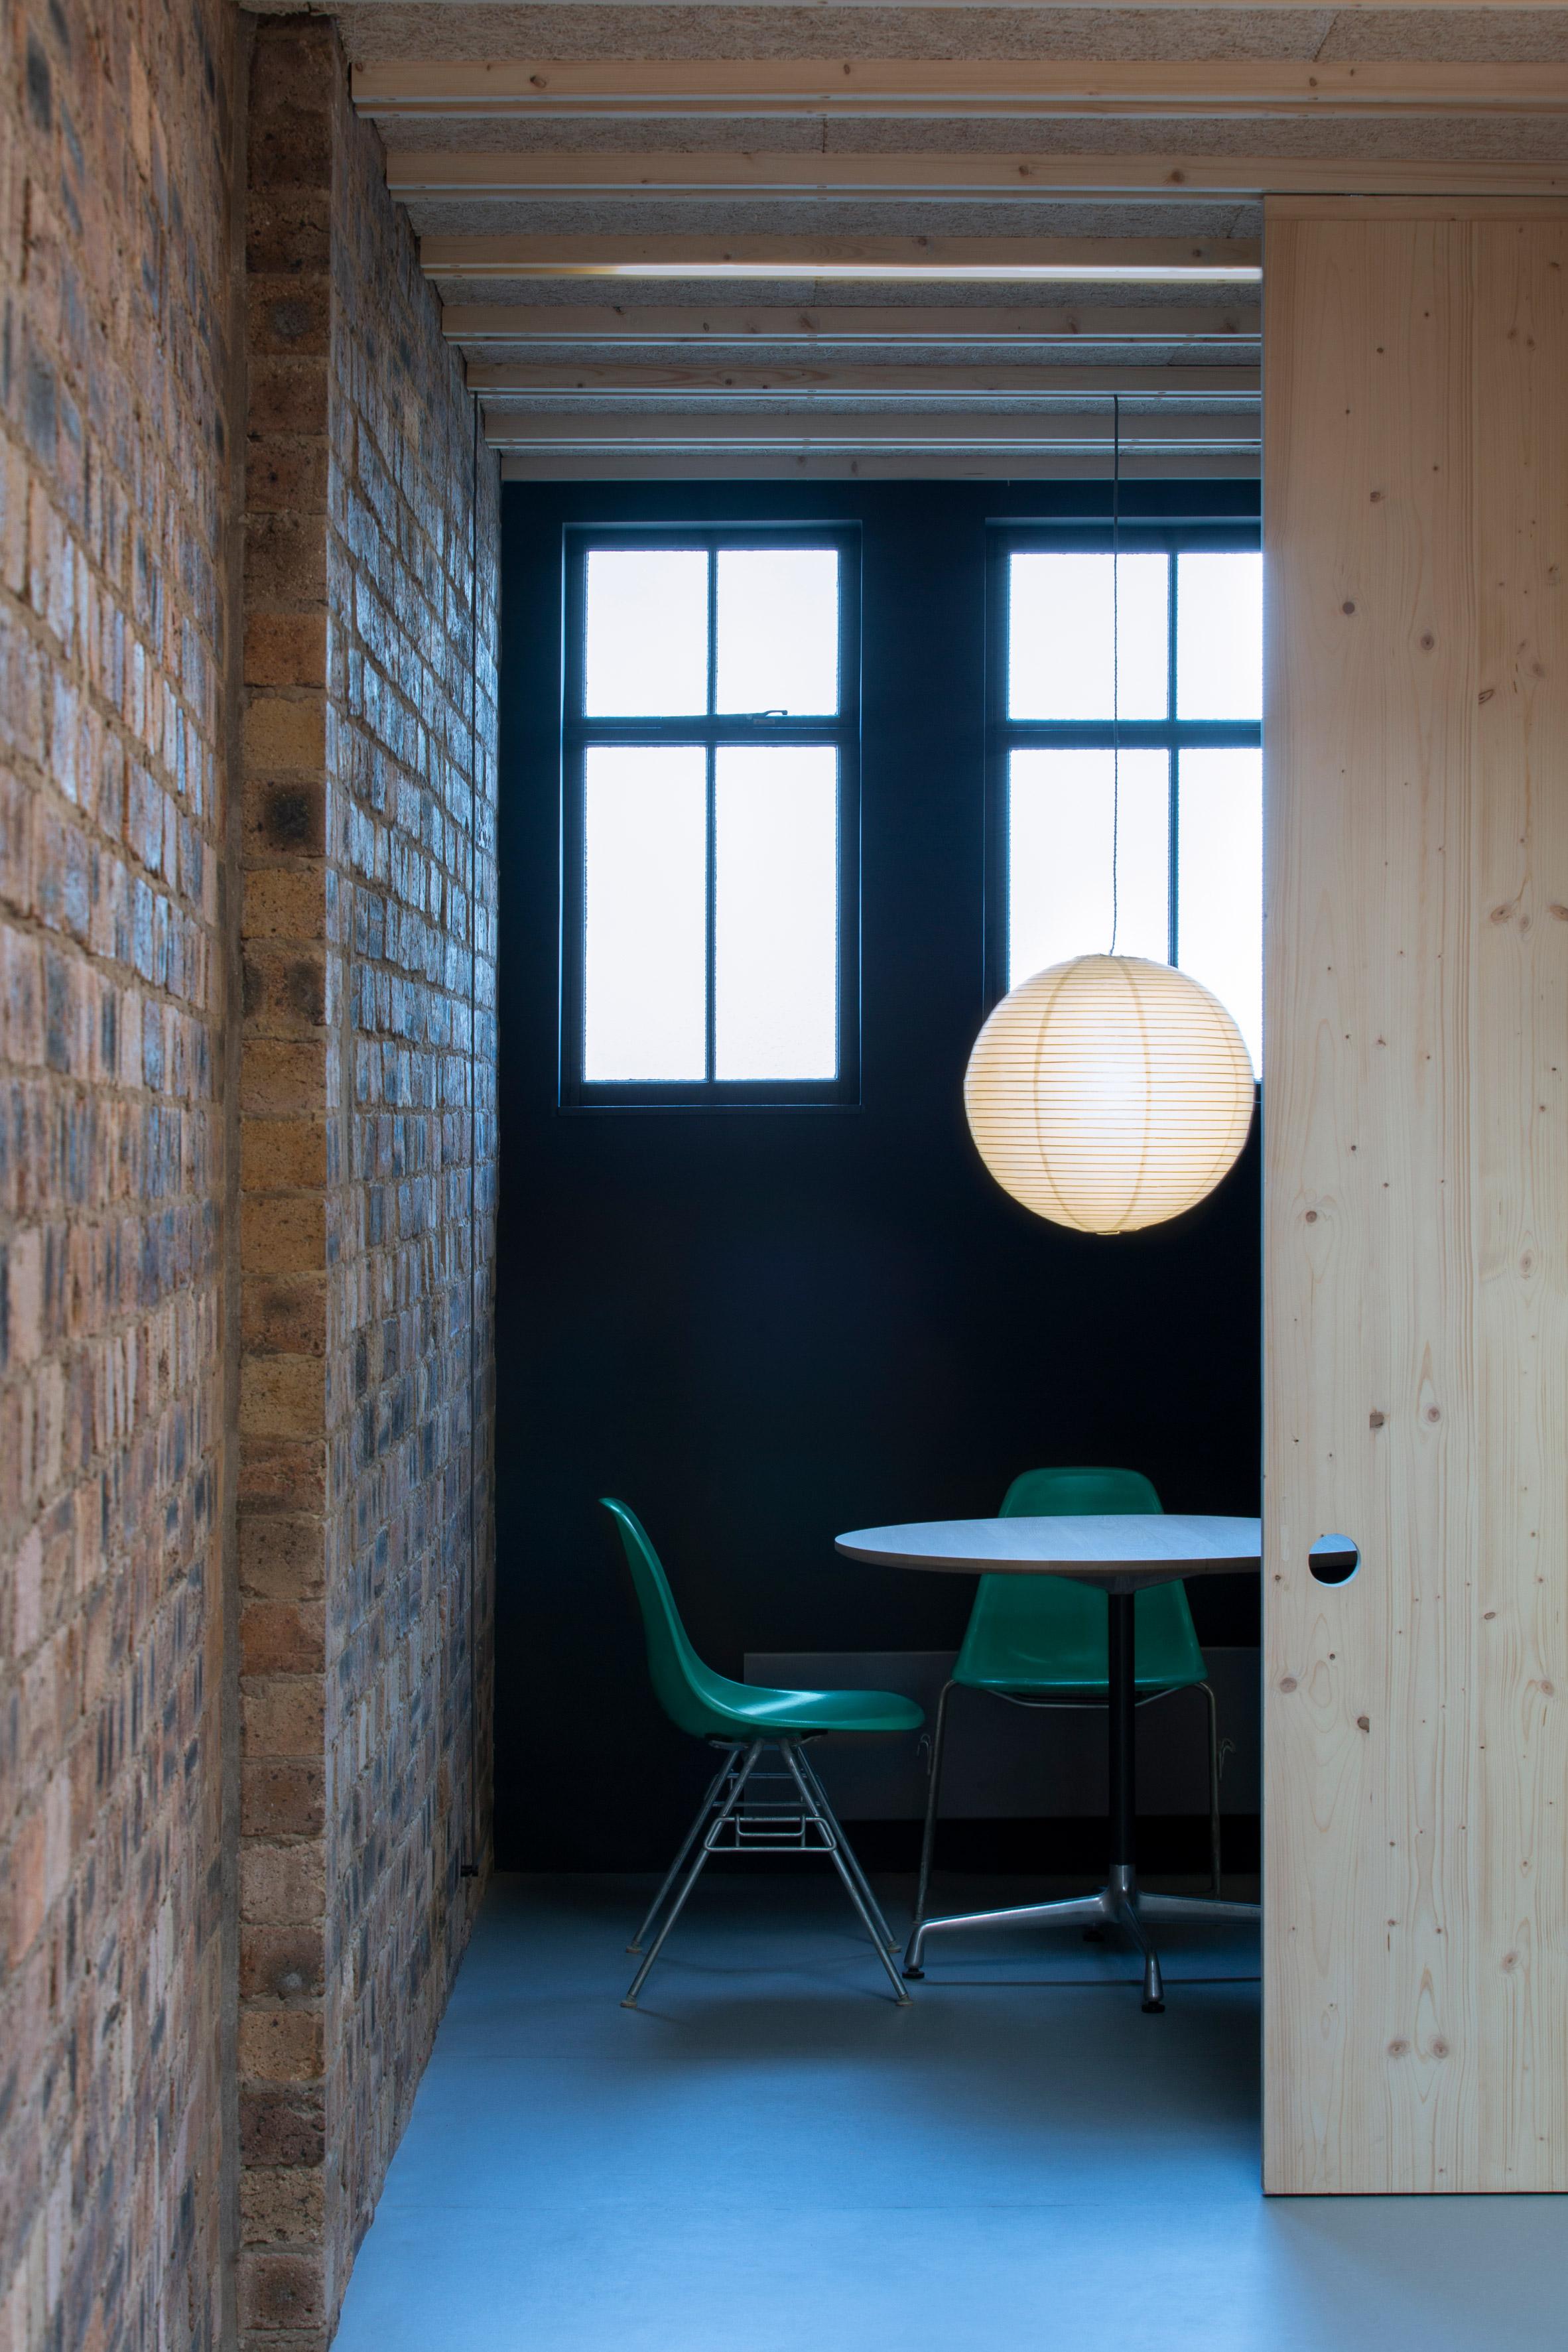 Sutherland & Co.'s self-designed studio